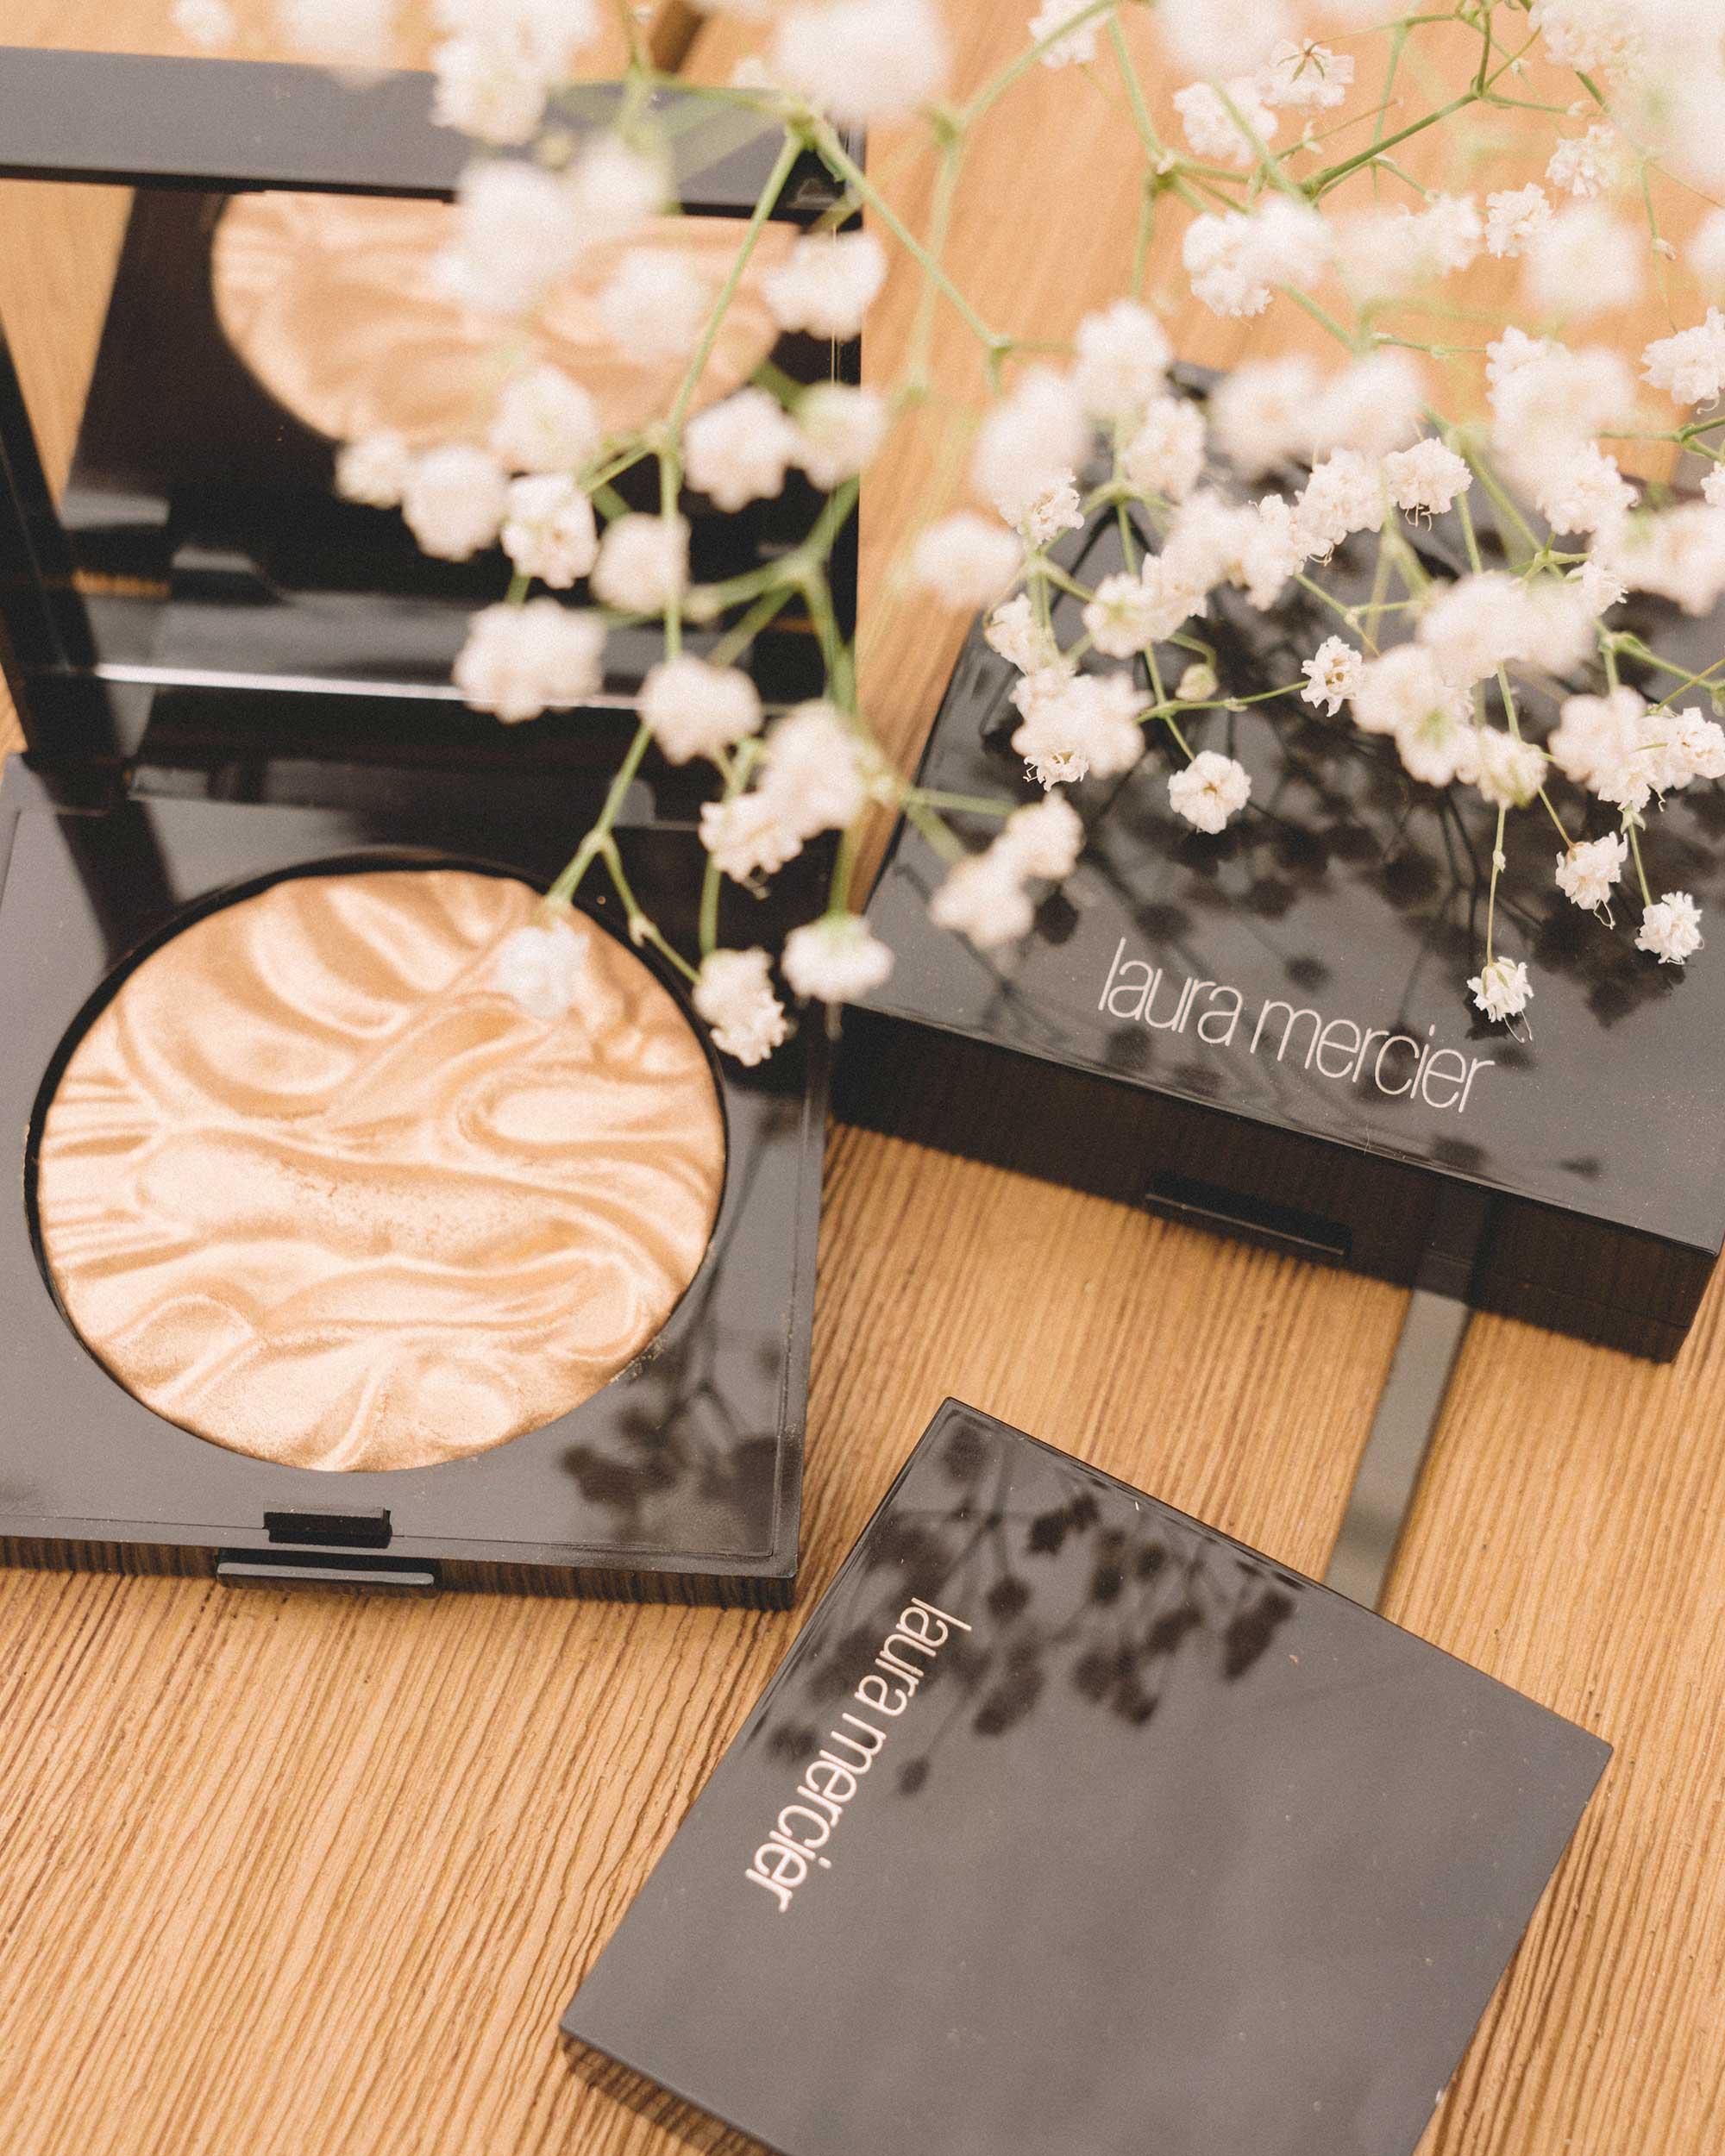 Laura-Mercier-FAce-Iluminator-Powder1.jpg